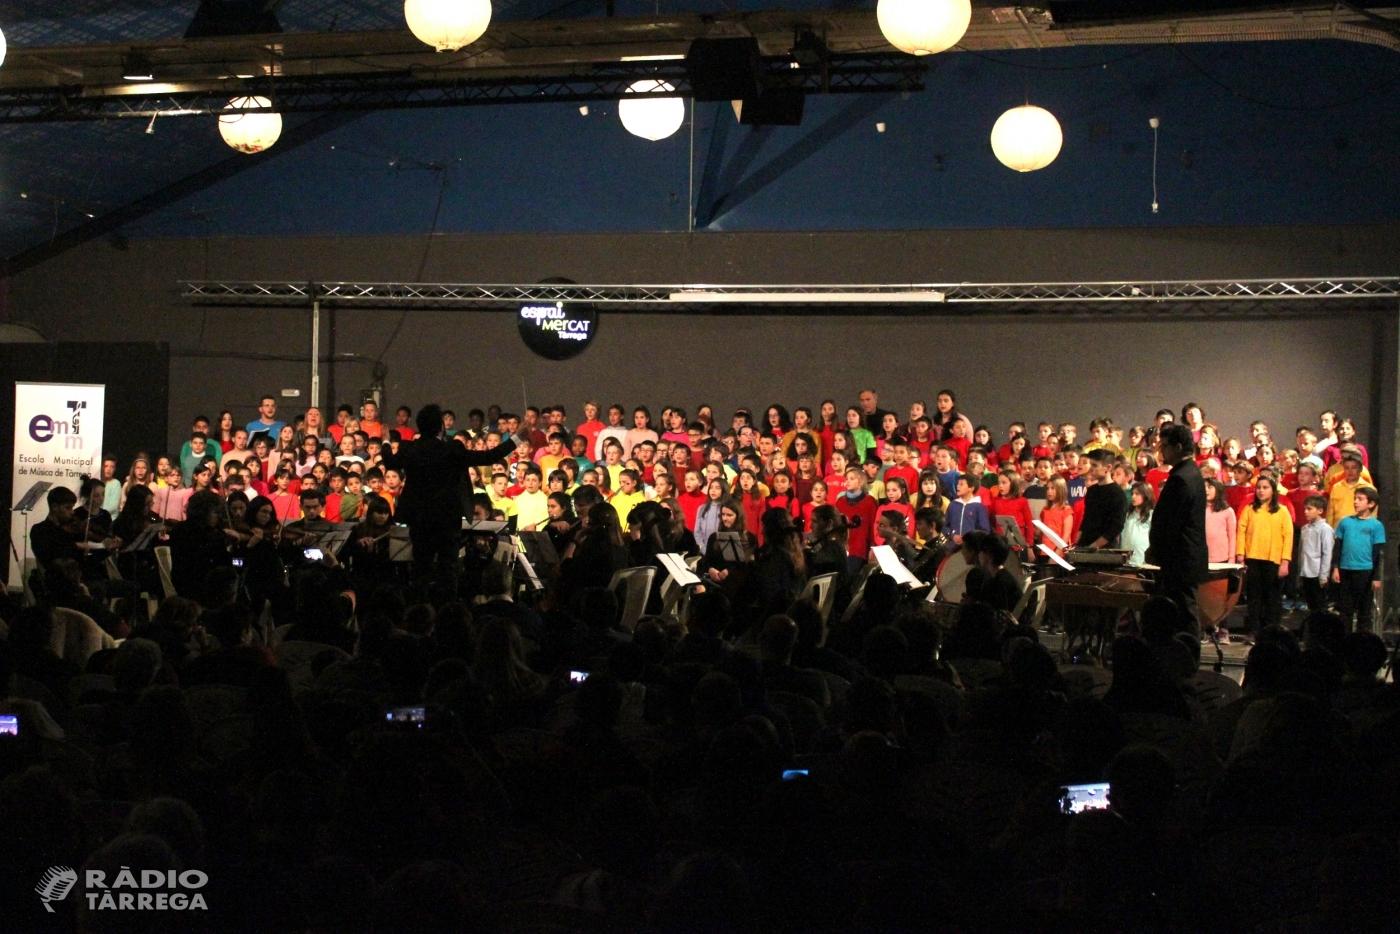 L'Escola Municipal de Música de Tàrrega interpreta una cantata per a cor i orquestra amb les veus de les escoles de primària de la ciutat